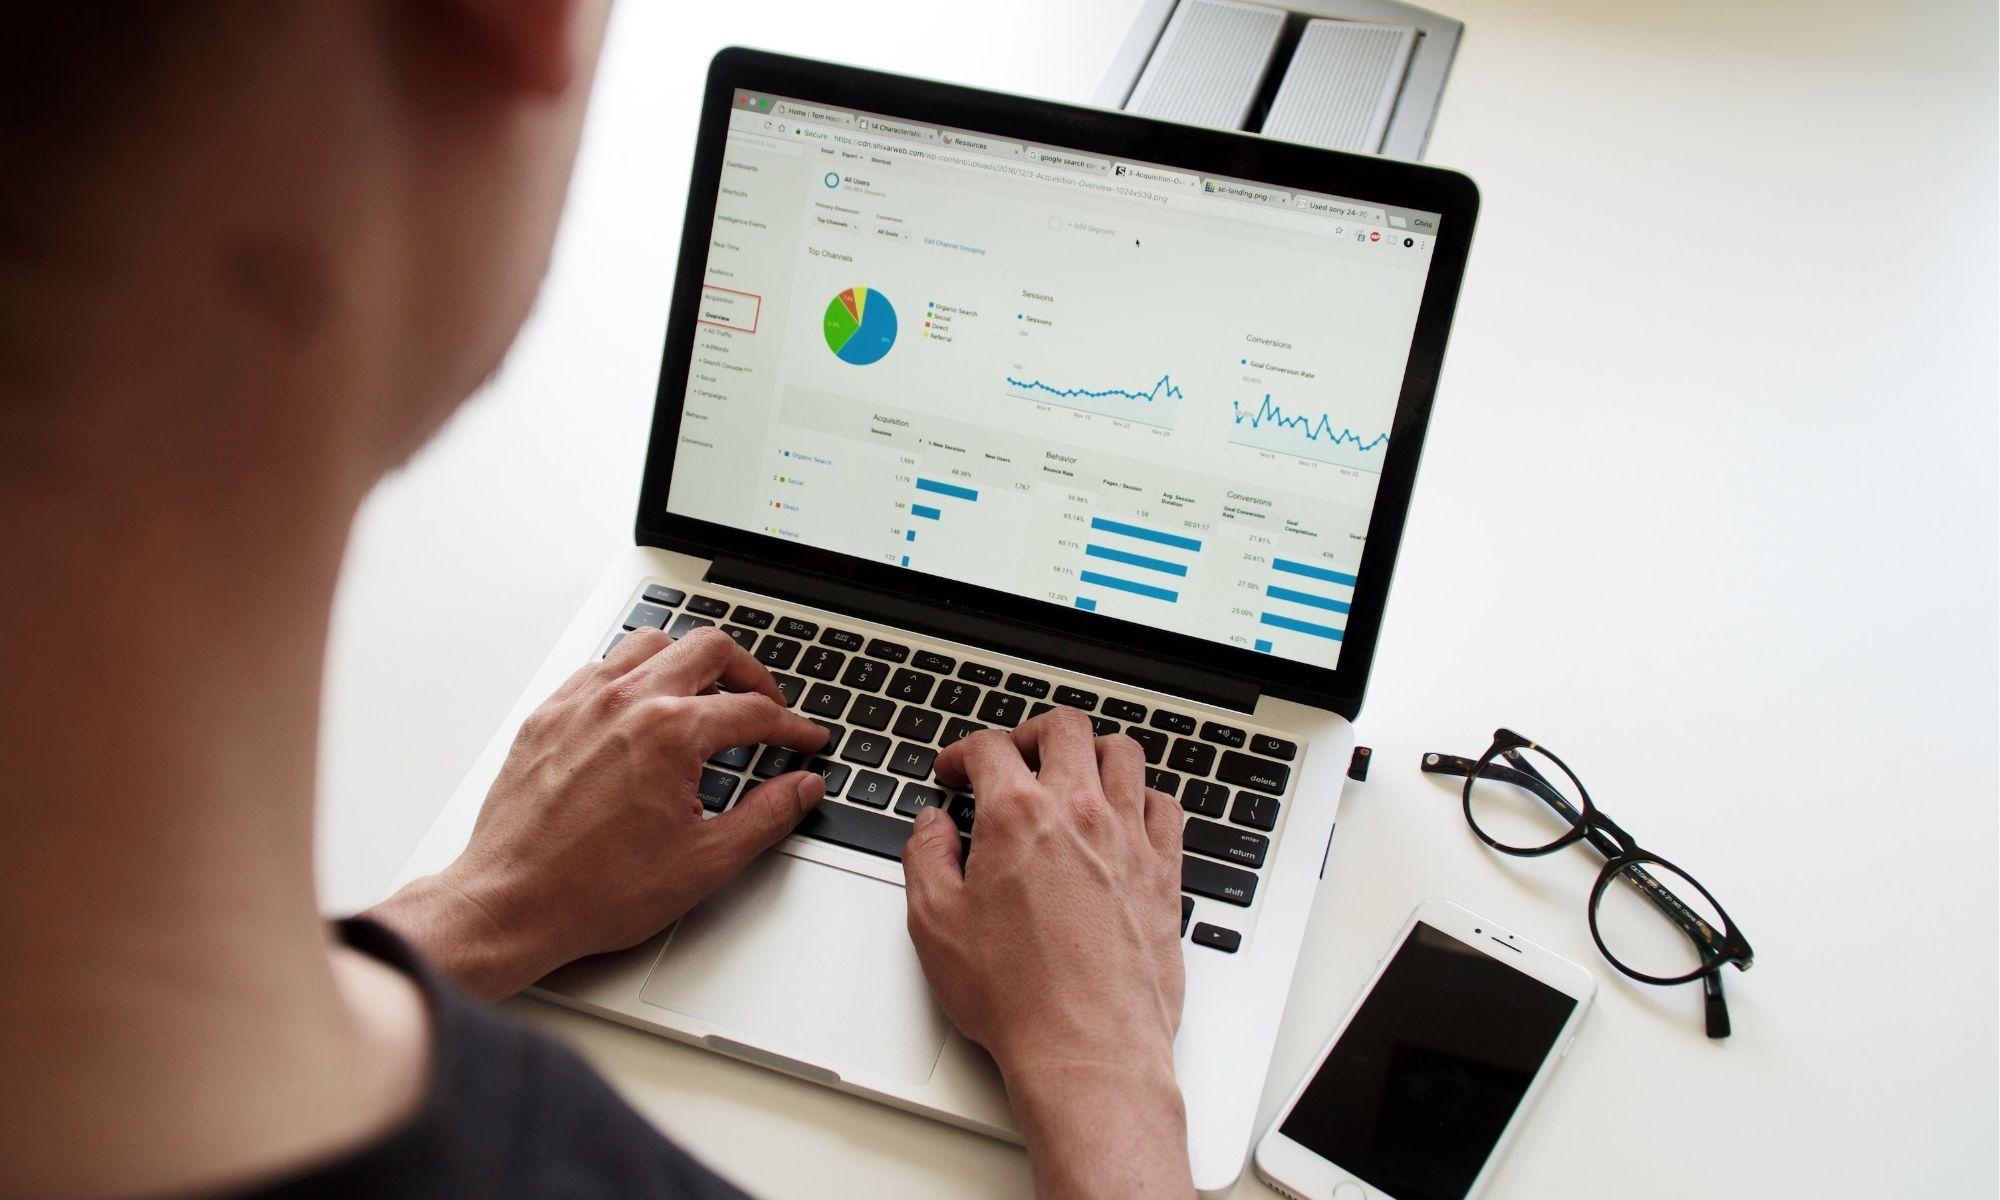 Vartotojai reikalauja išsamių ir patikrintų produktų duomenų